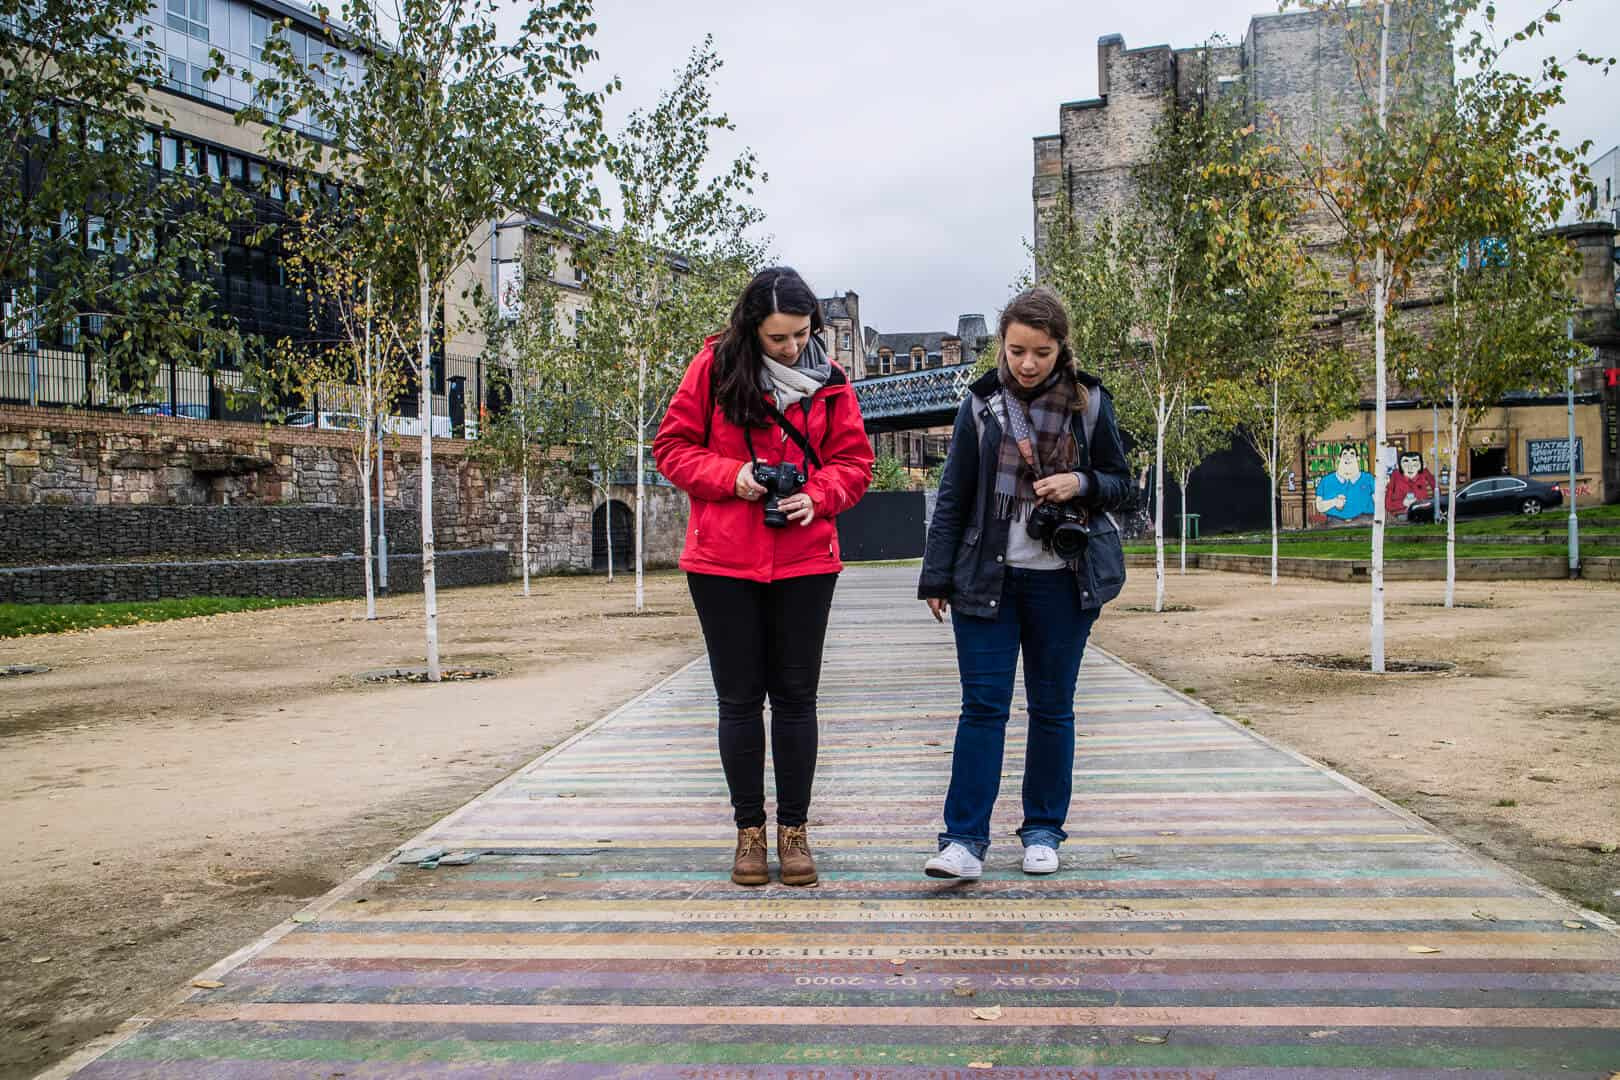 Patricia et Sophie dans le Barrowland Park de Glasgow